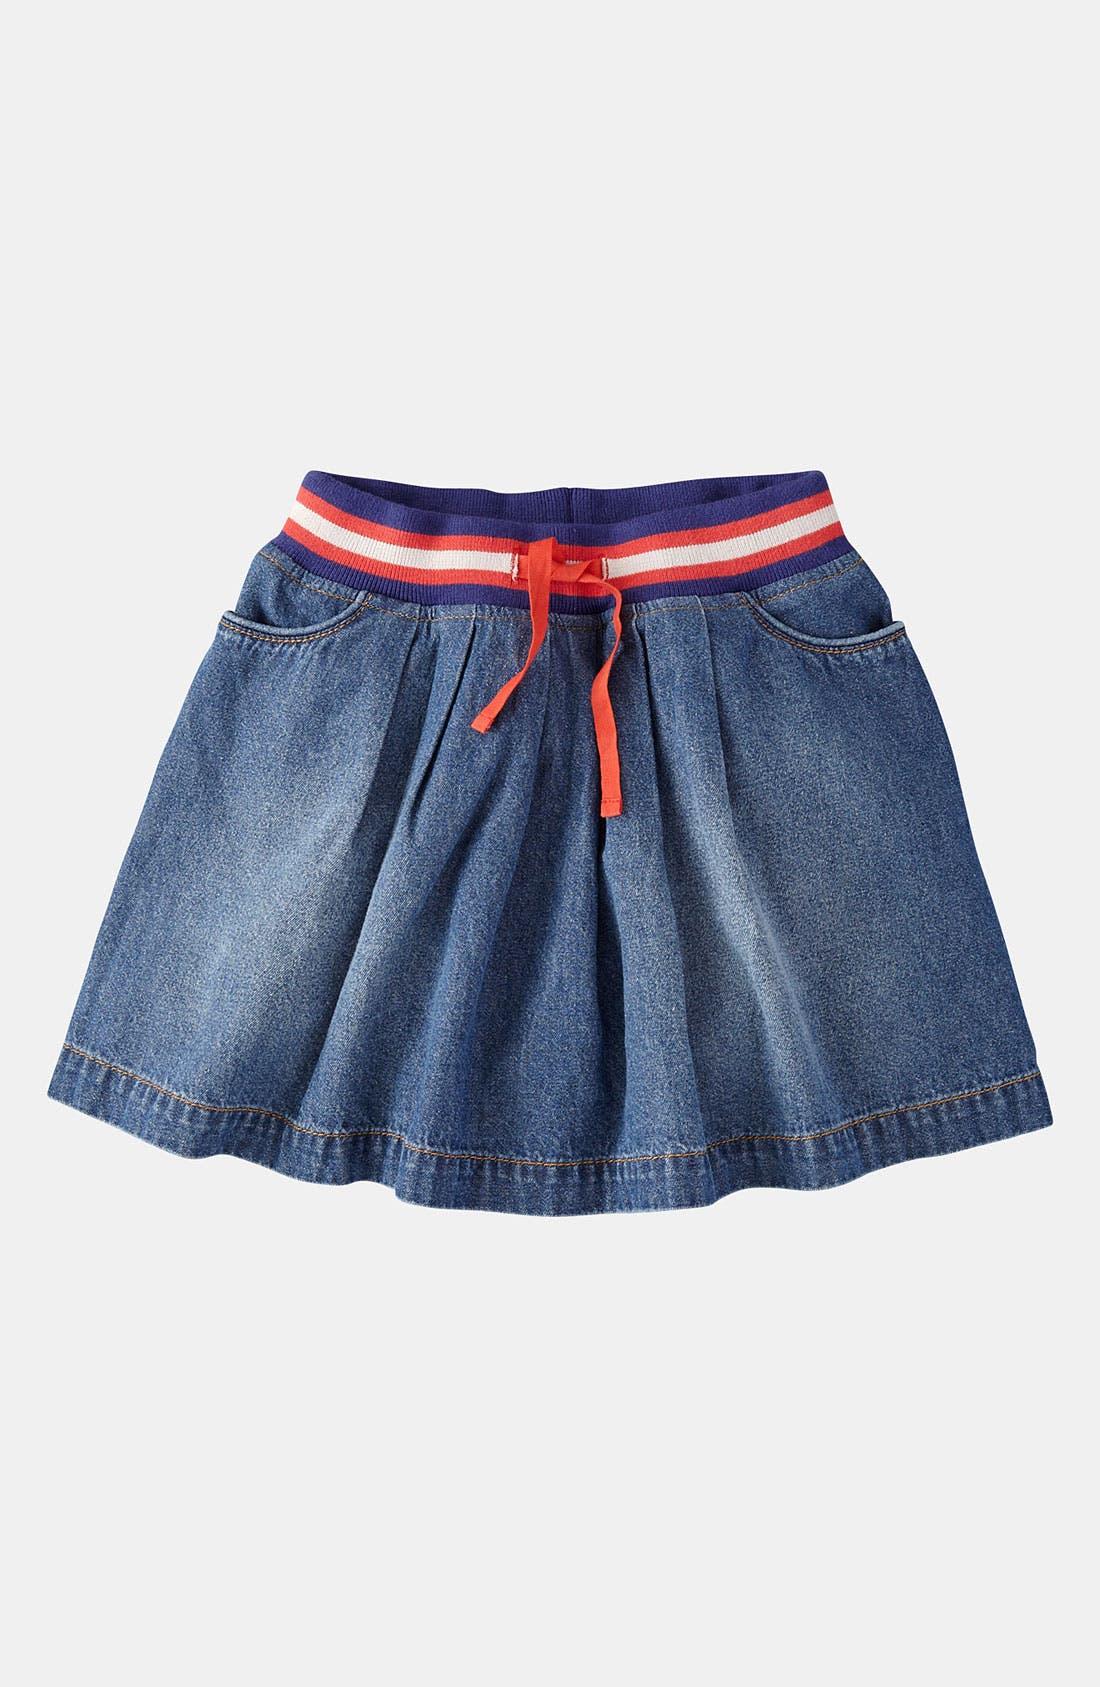 Alternate Image 1 Selected - Mini Boden Ribbed Waist Skirt (Little Girls & Big Girls)